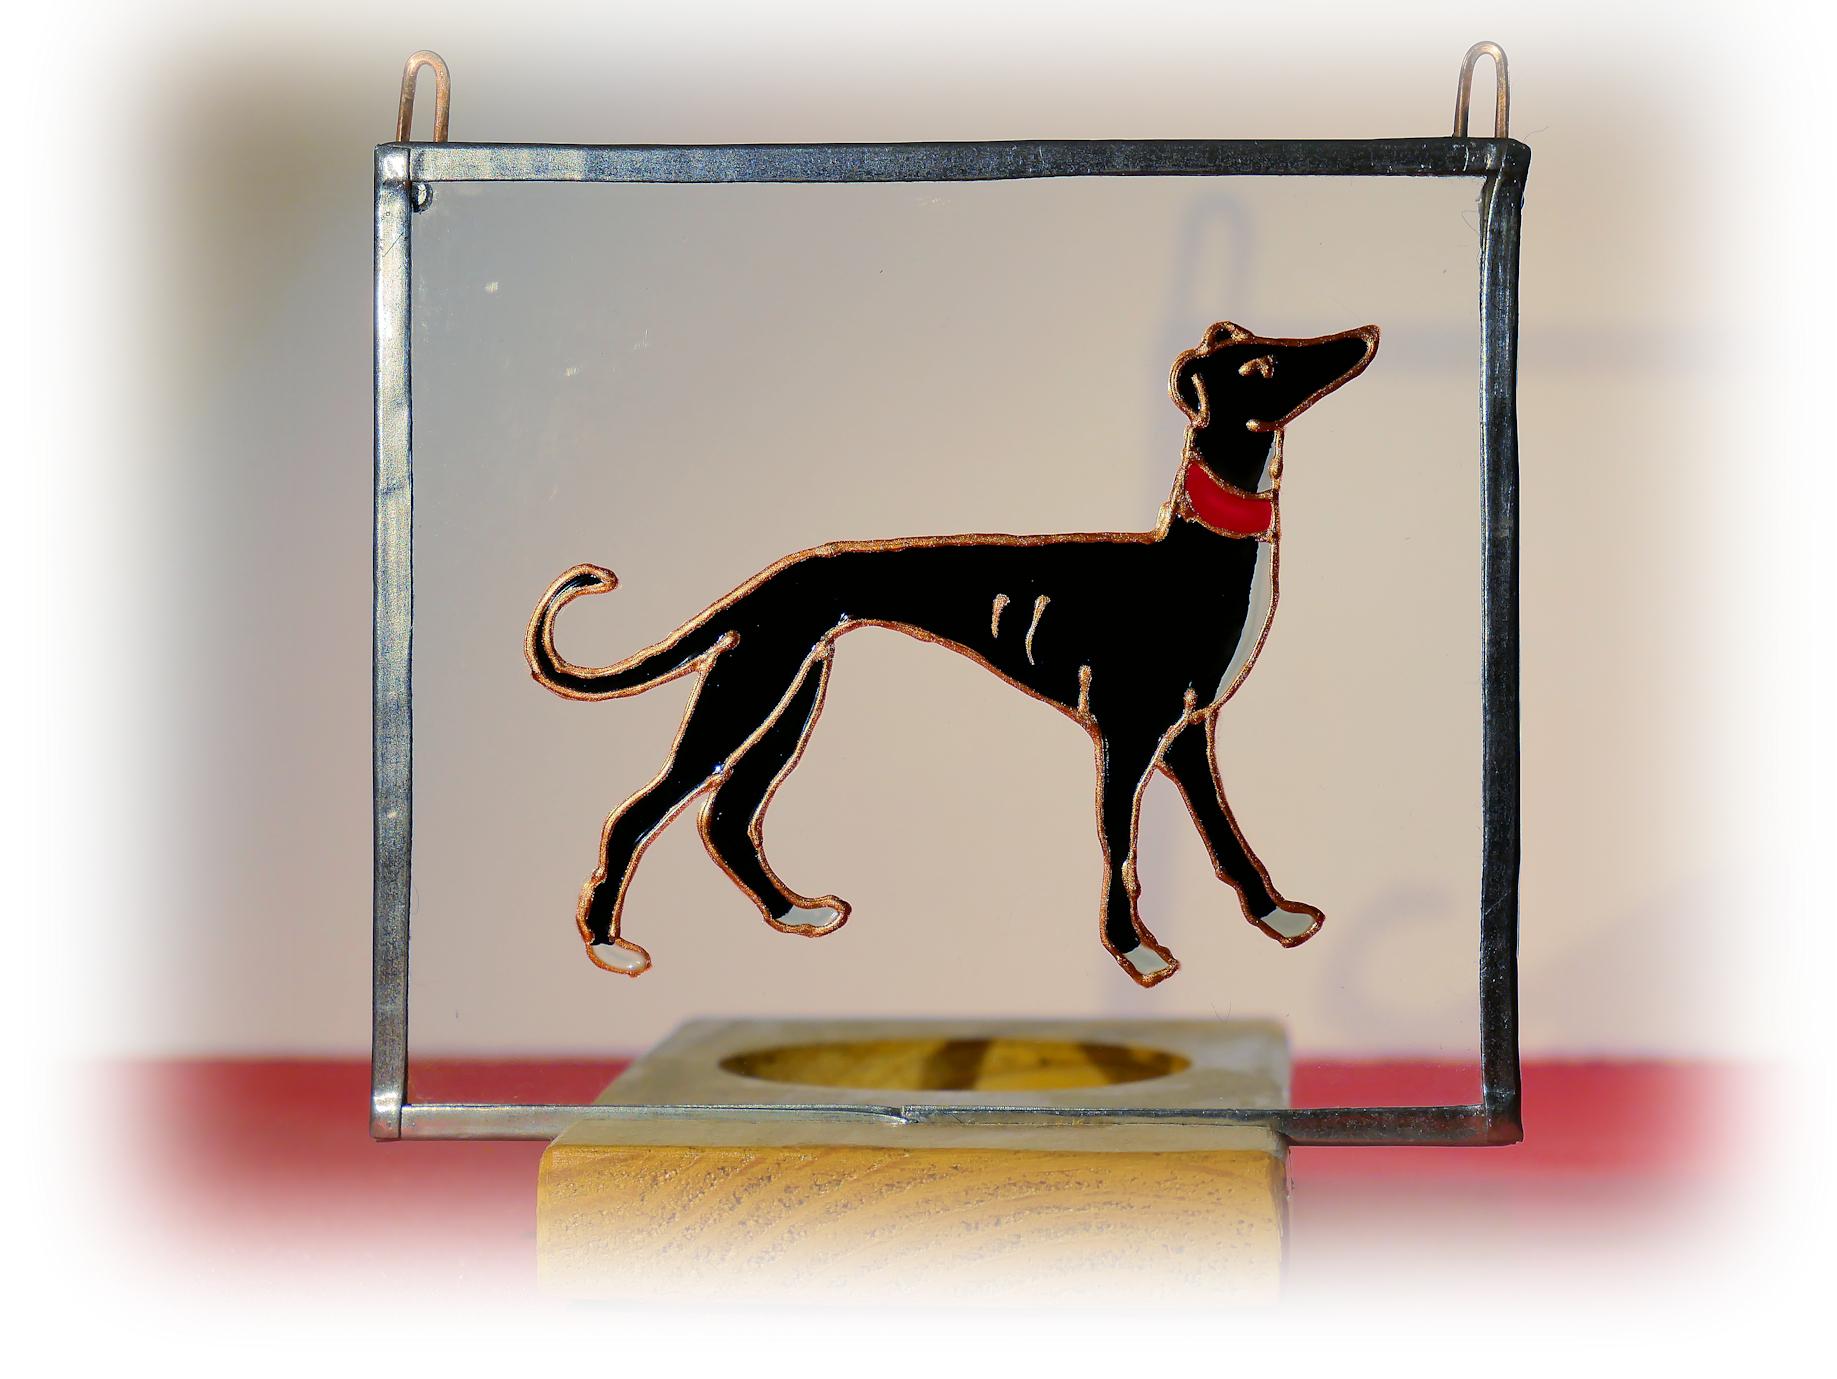 greyhound, medieval greyhound, greyhound glass, greyhound art, greyhound image